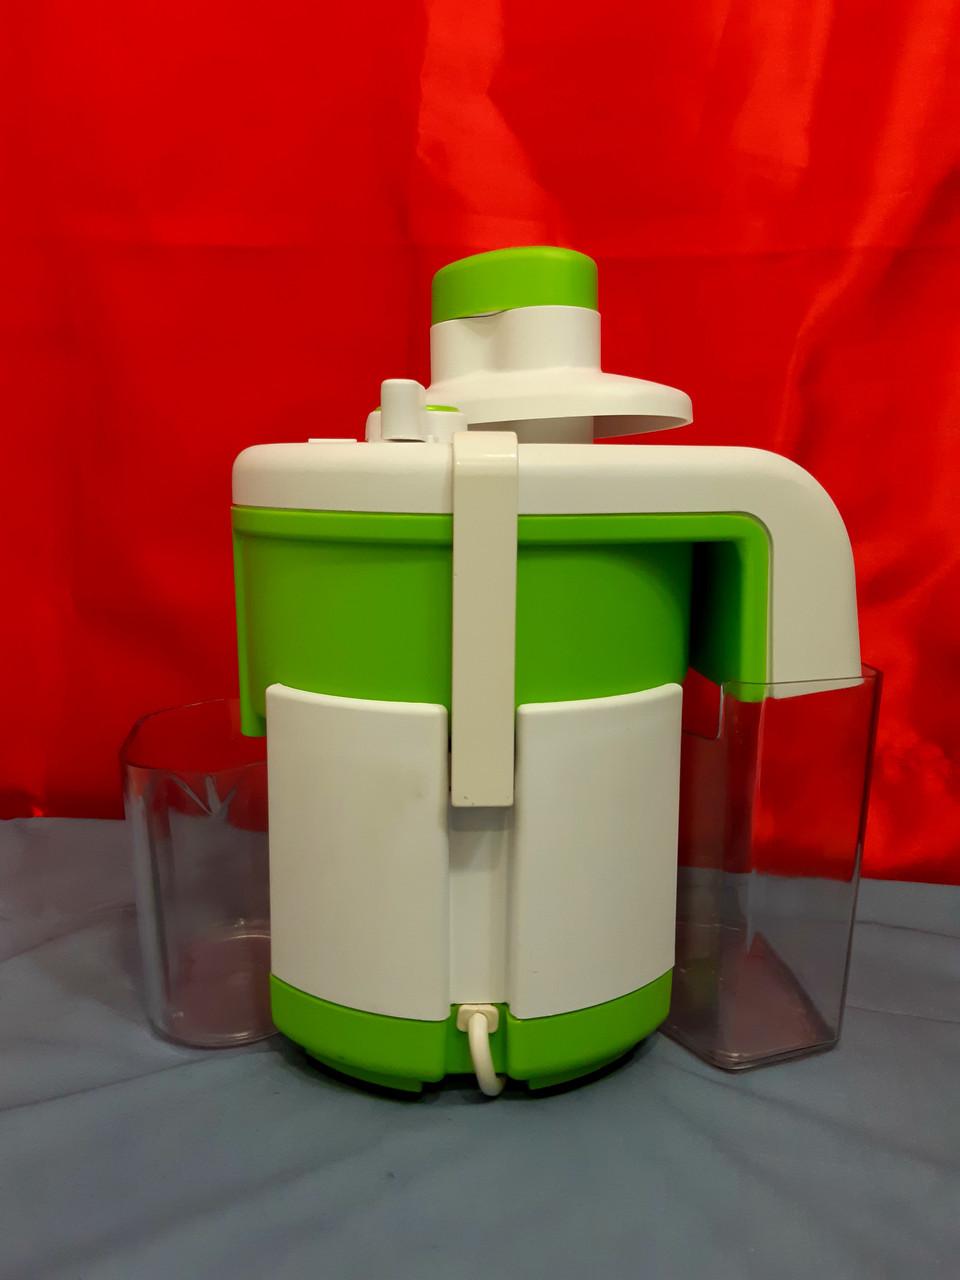 """Електрична соковижималка для яблук, томатів, ягід і т. д. """"Журавинка""""."""